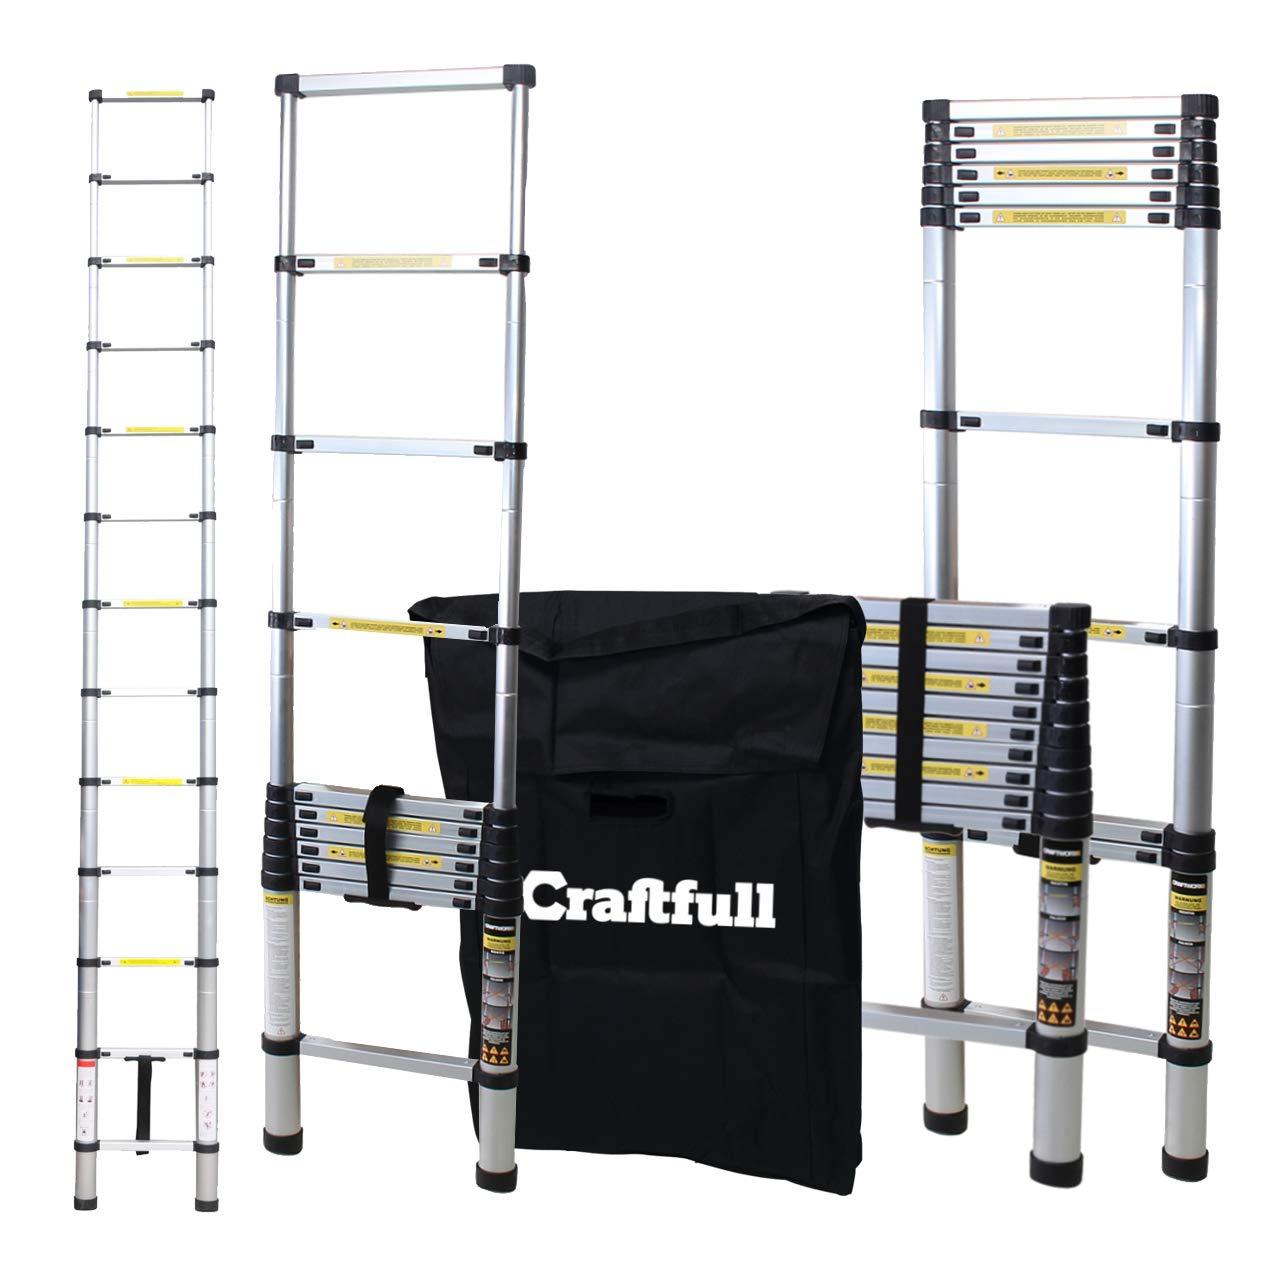 Craftfull Aluminum SOFT CLOSE Teleskopleiter inkl. Tragetasche - in 2/2, 6/2, 9/3, 2/3, 8/4, 1/4, 4 Meter - Mehrzweckleiter - Stehleiter - Aluminiumleiter - Leiter - Schiebeleiter - Aluleiter (2.6 Meter)